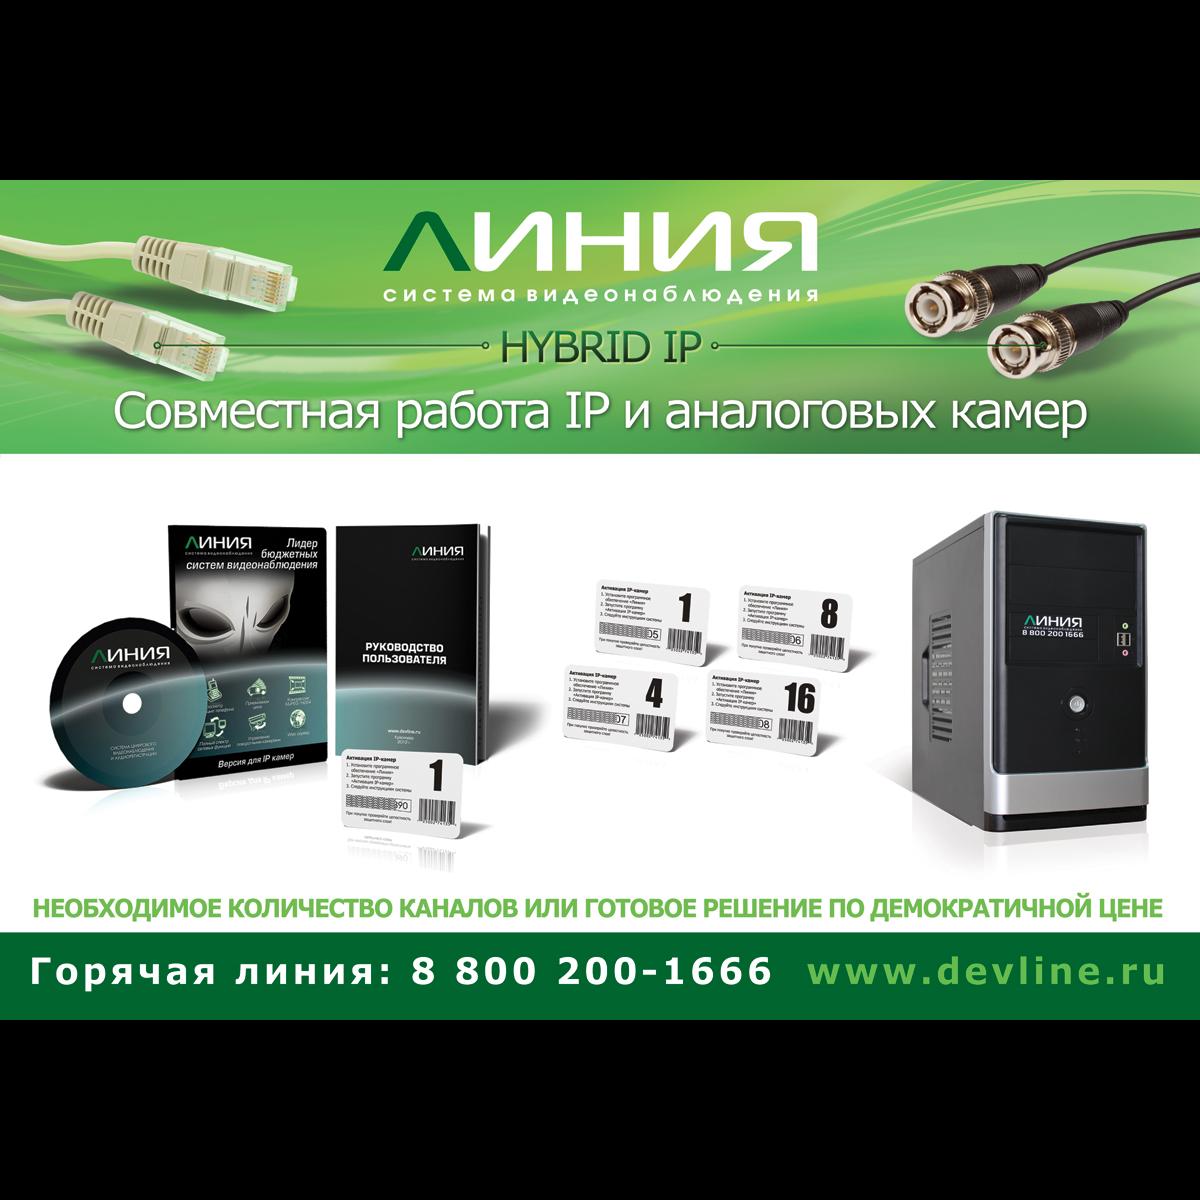 Коробочная версия лицензии Линия IP 1 для подключения 1 IP-видеокамеры. Количество каналов: видео - 1, аудио - 1, до 25 к/с на канал.